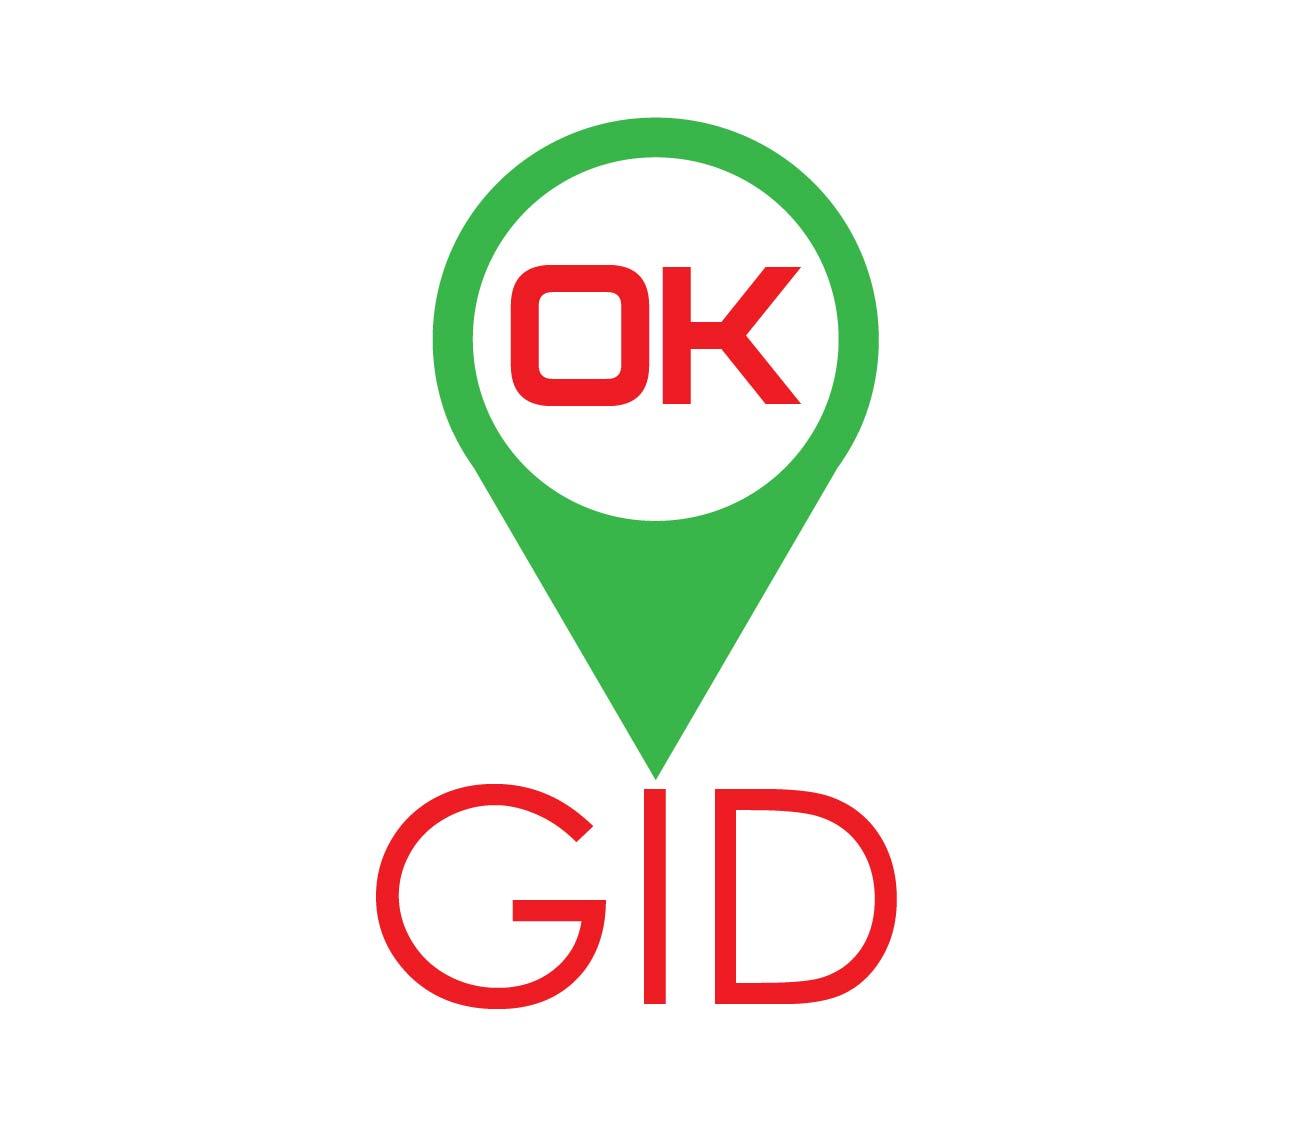 Логотип для сайта OKgid.ru фото f_32357c44ceac74e3.jpg